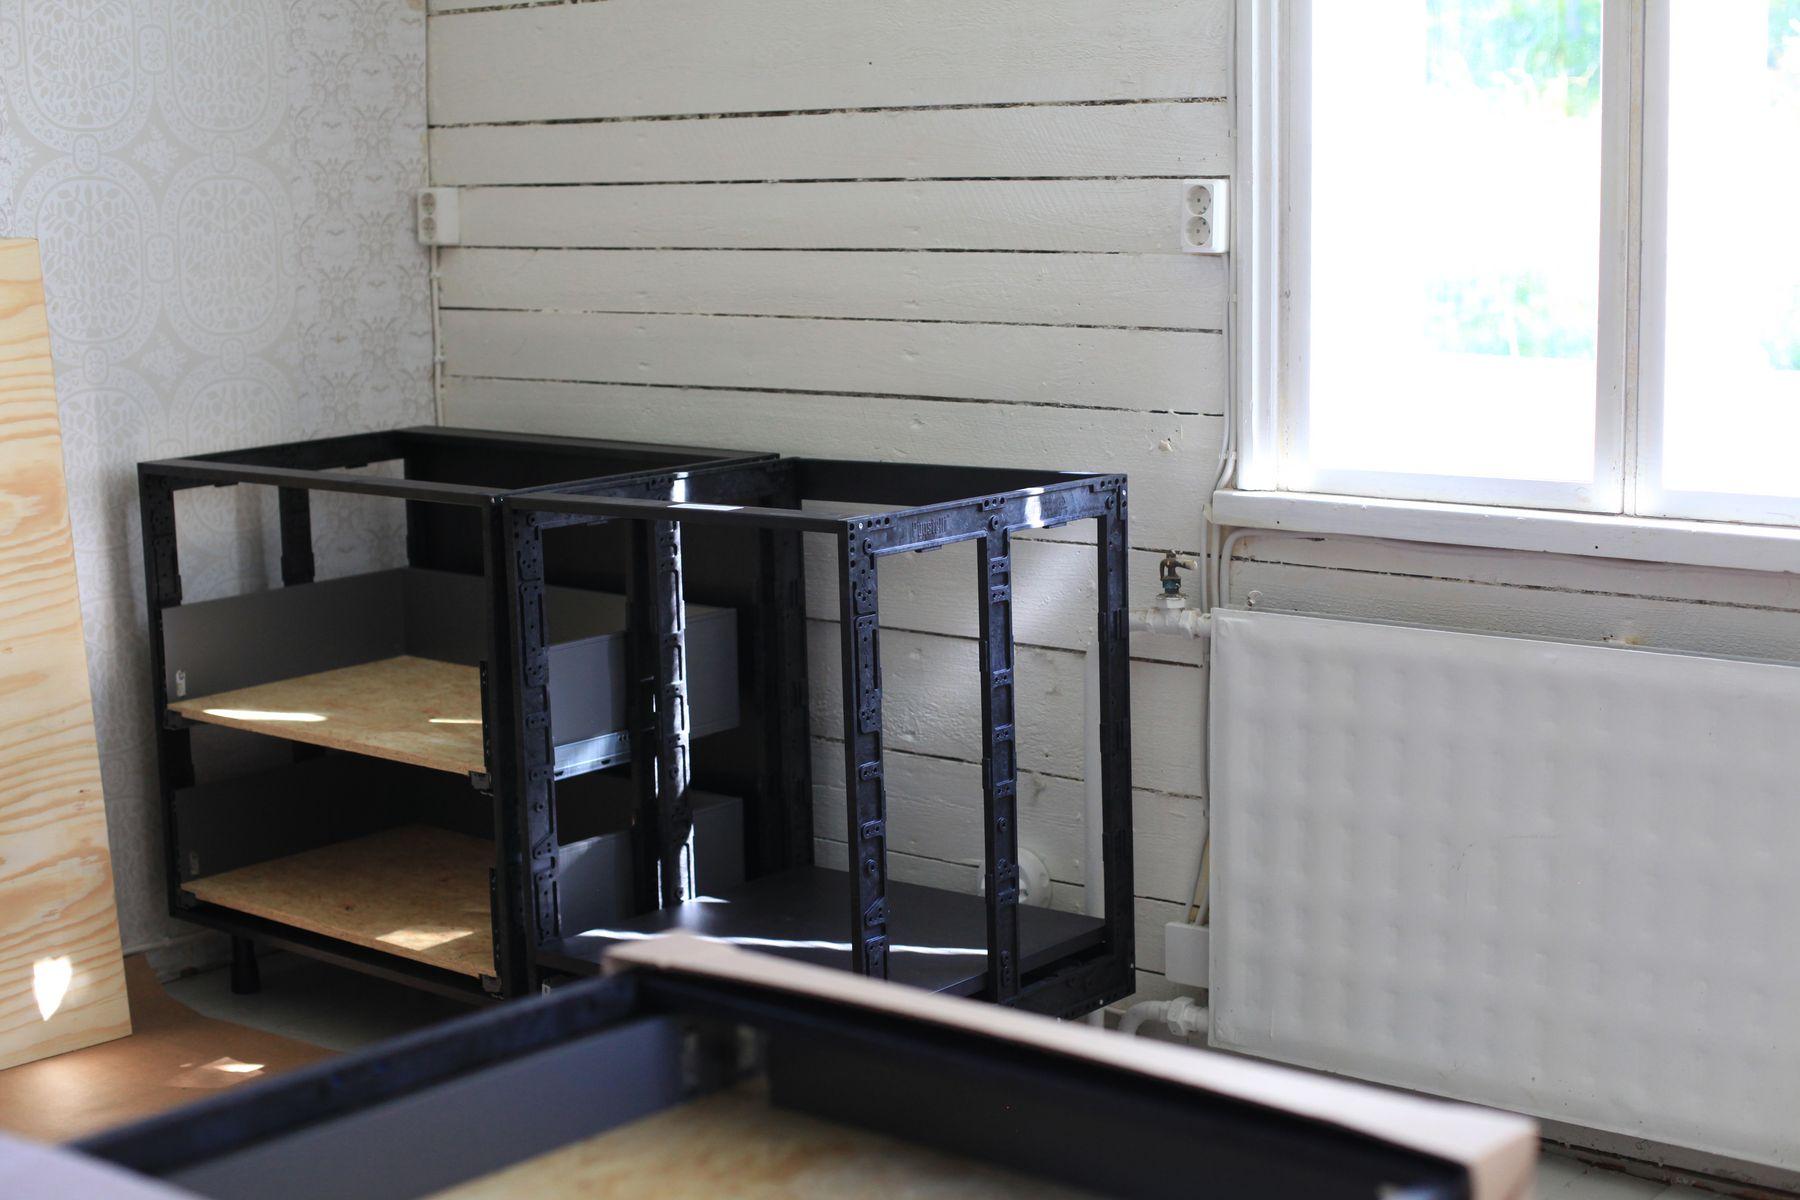 Anun Miinus keittiö, osa 6, keittiön asennus alkaa  Puustellin blogi